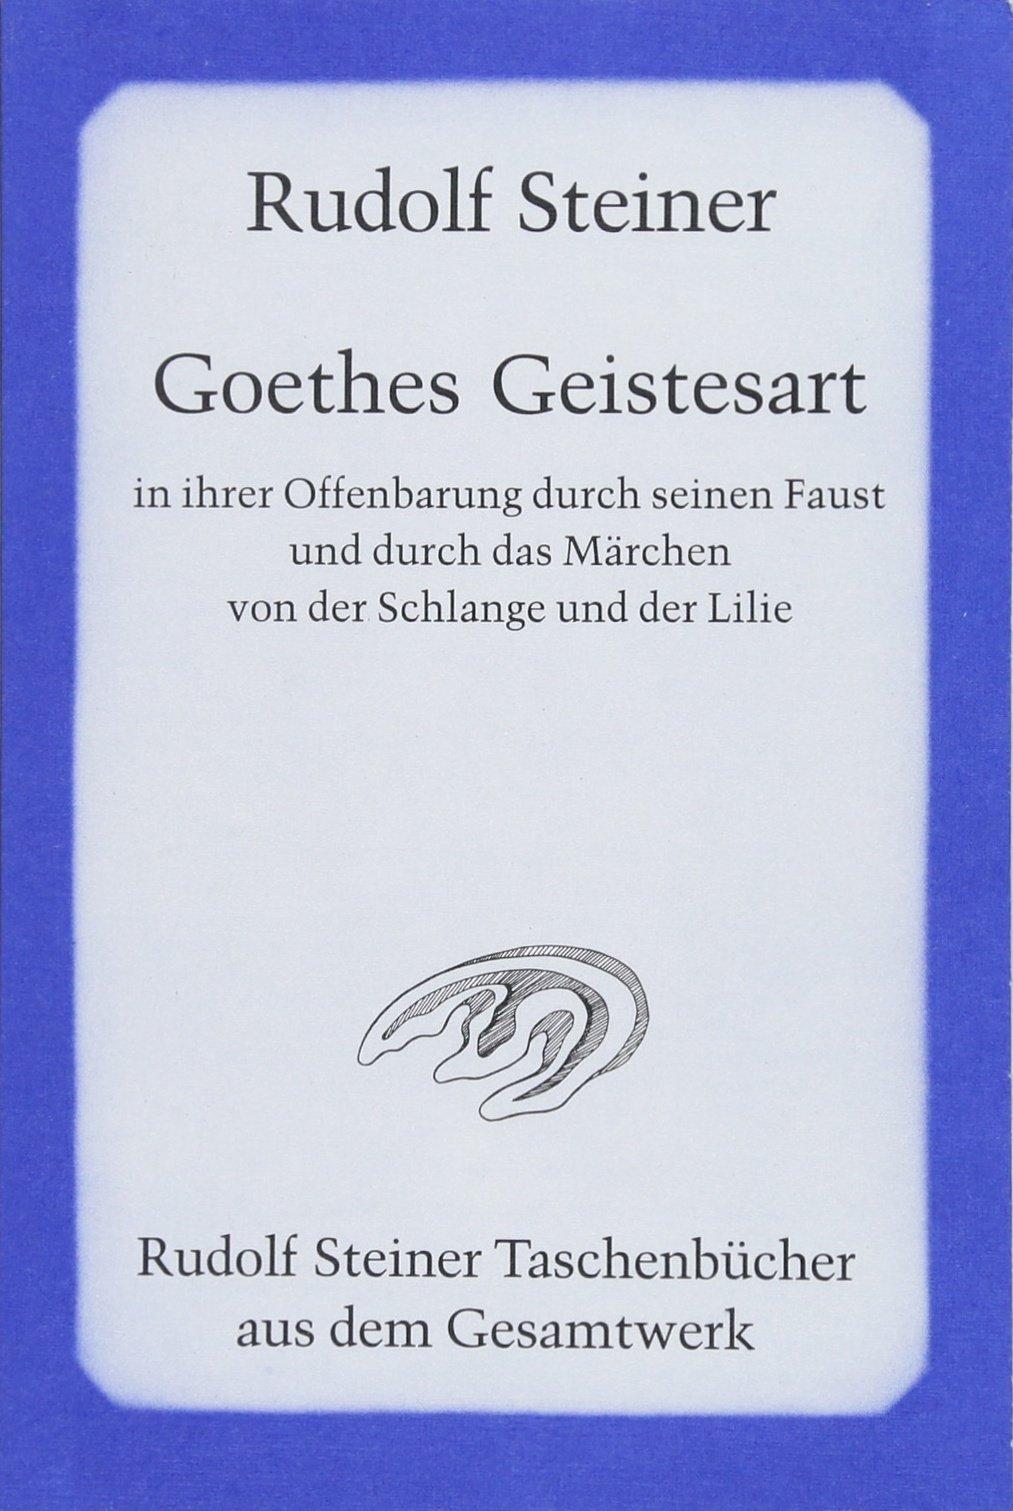 Goethes Geistesart in ihrer Offenbarung durch seinen